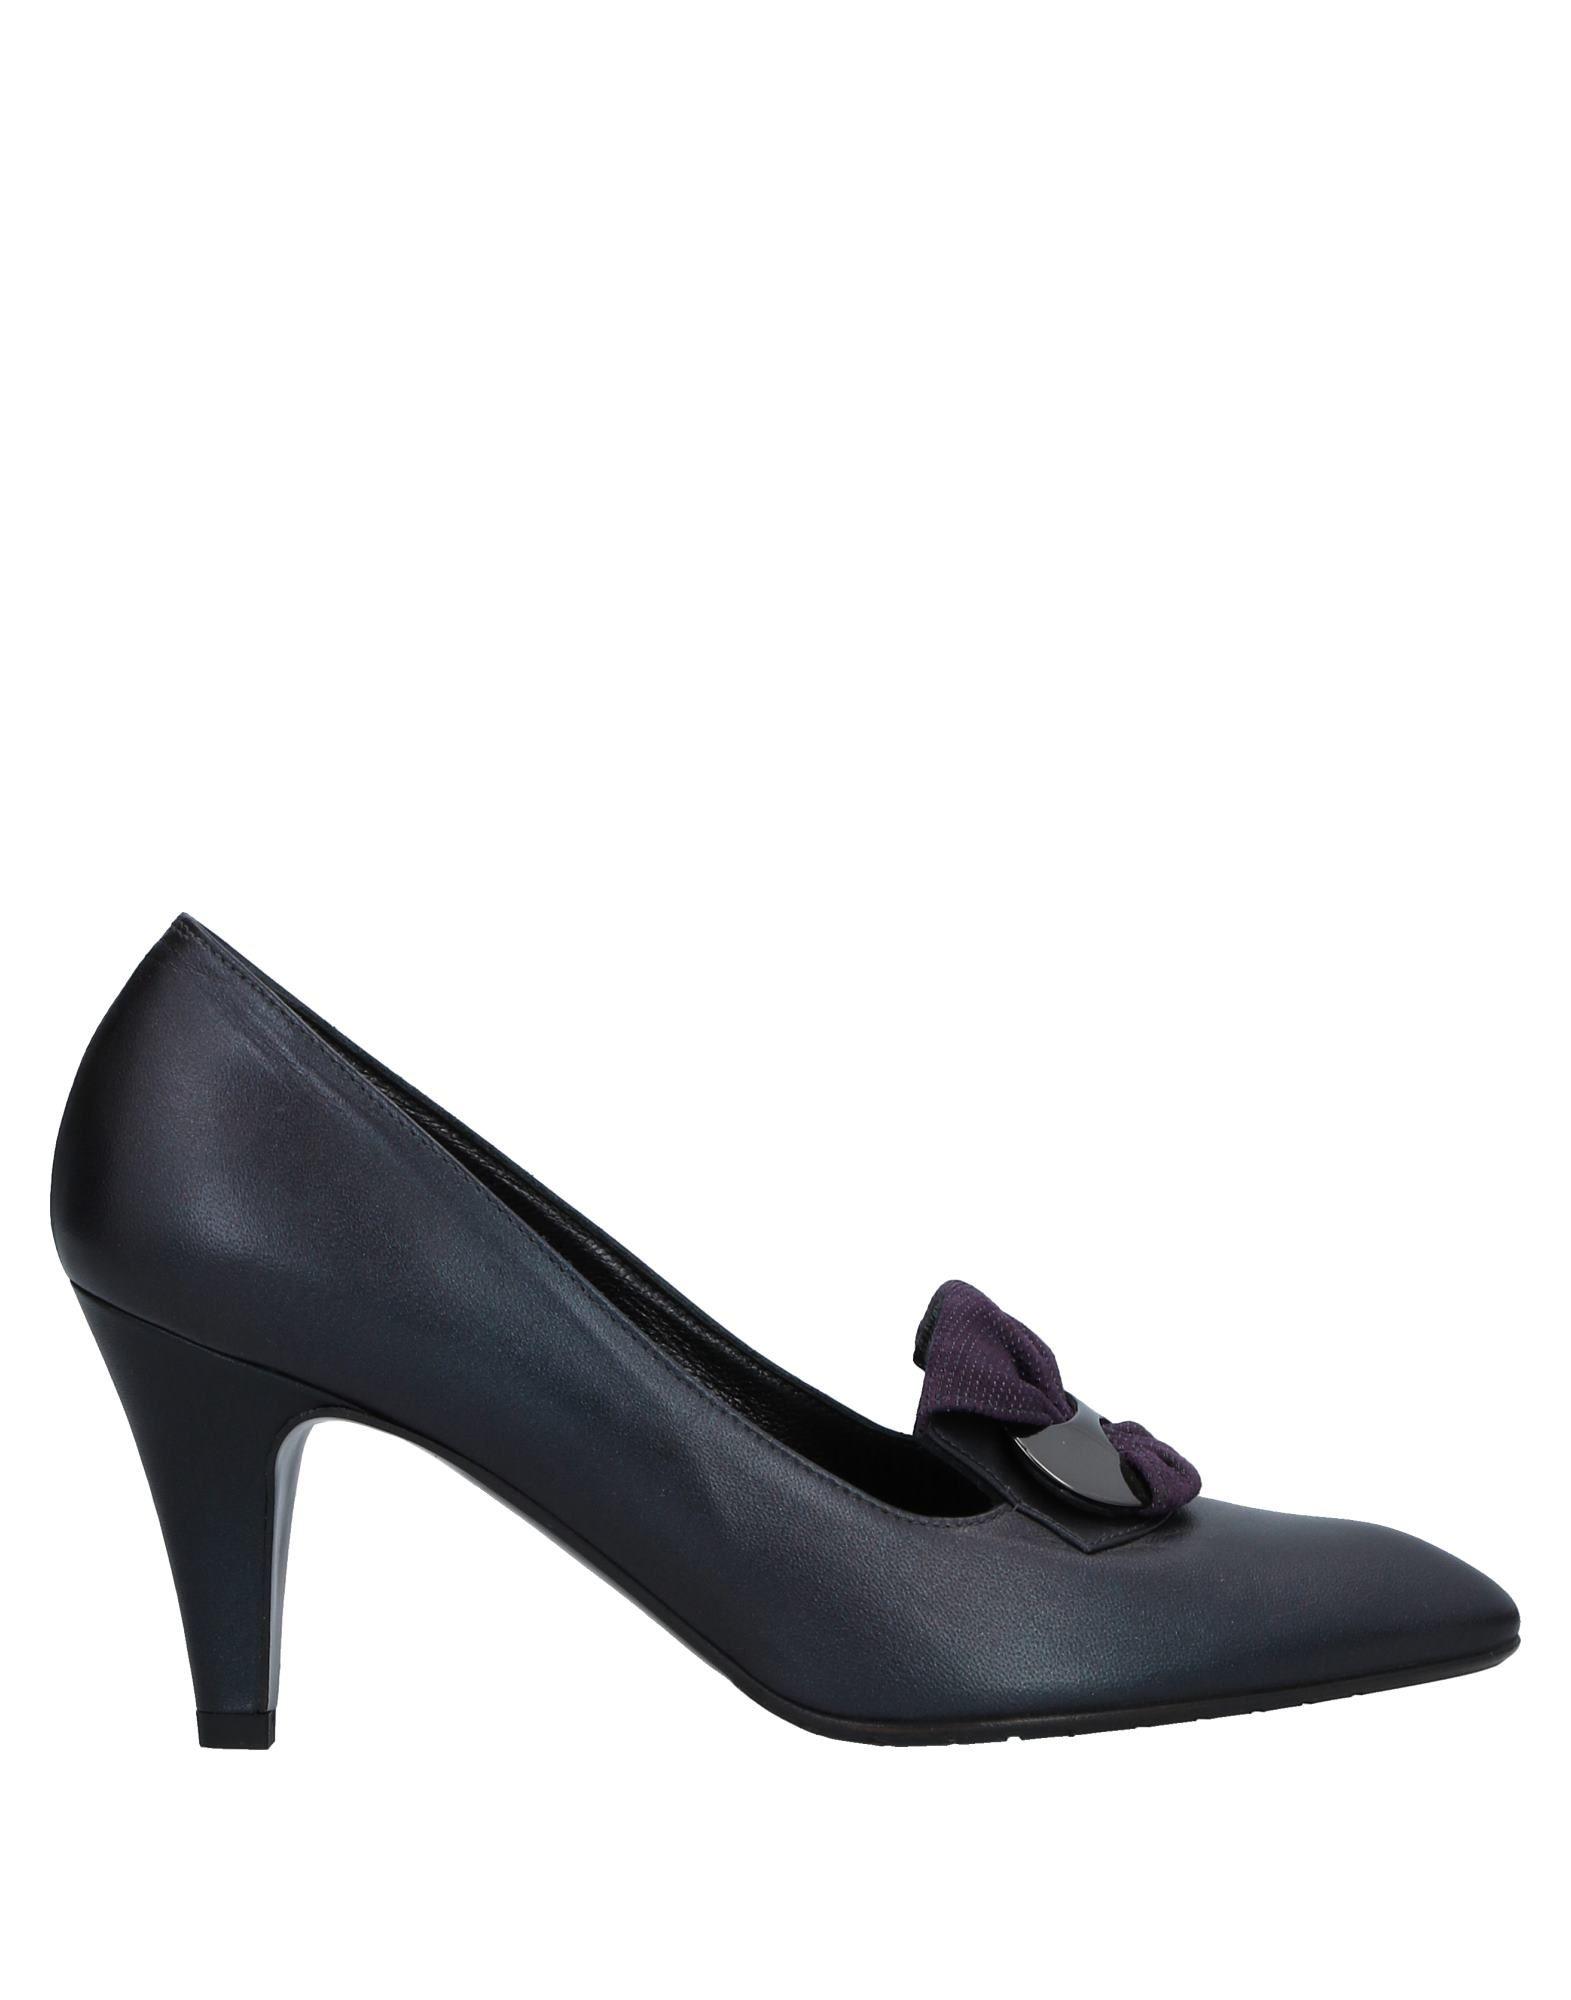 Sneakers Munich Donna e - 11454201TV Nuove offerte e Donna scarpe comode 54b33a